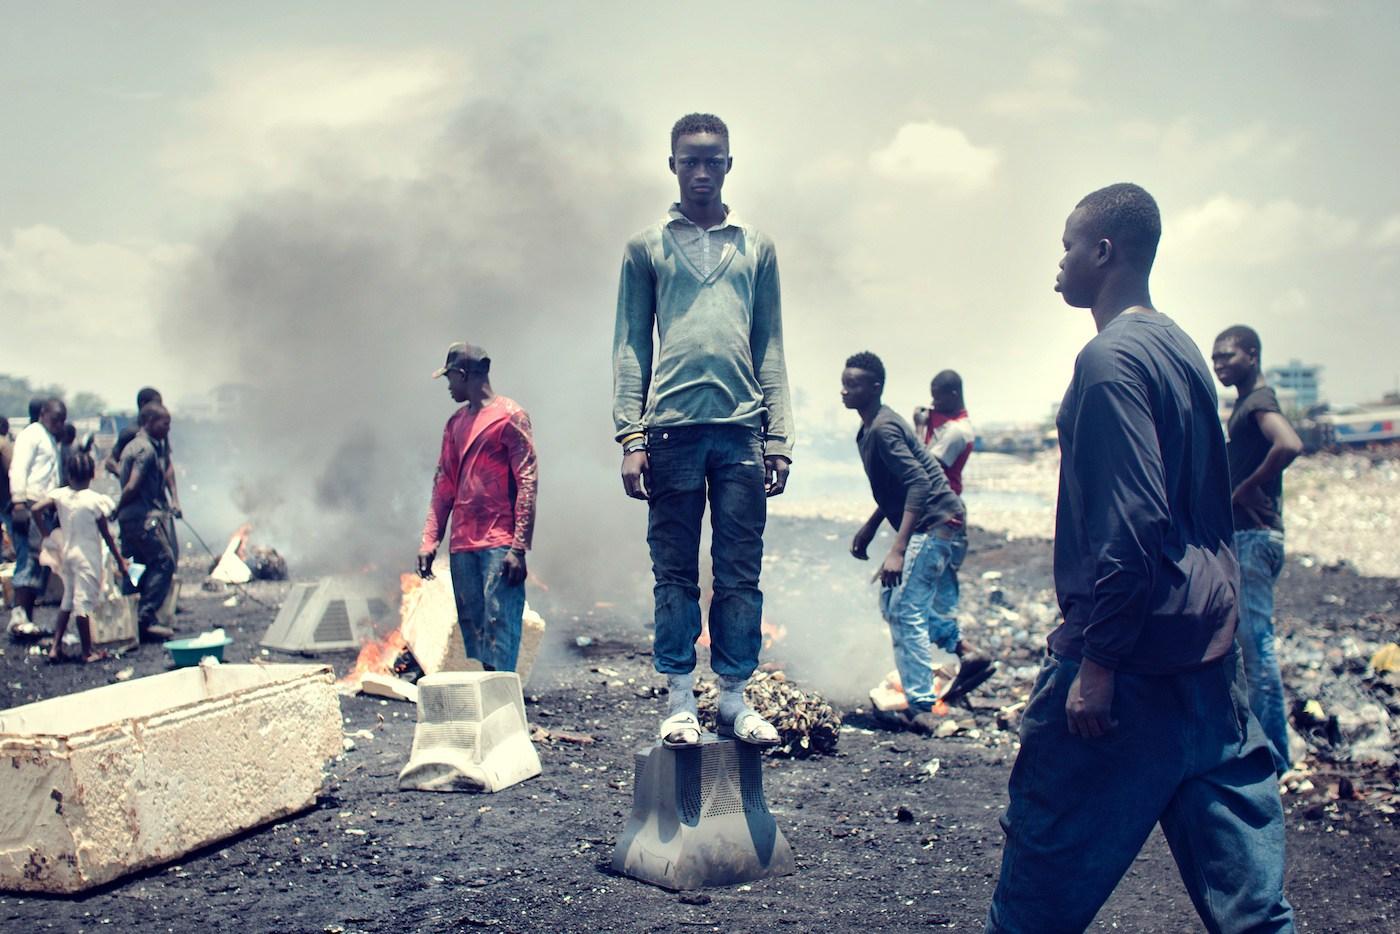 Agbogbloshie_KevinMcElvaney_Accra_e-waste-16